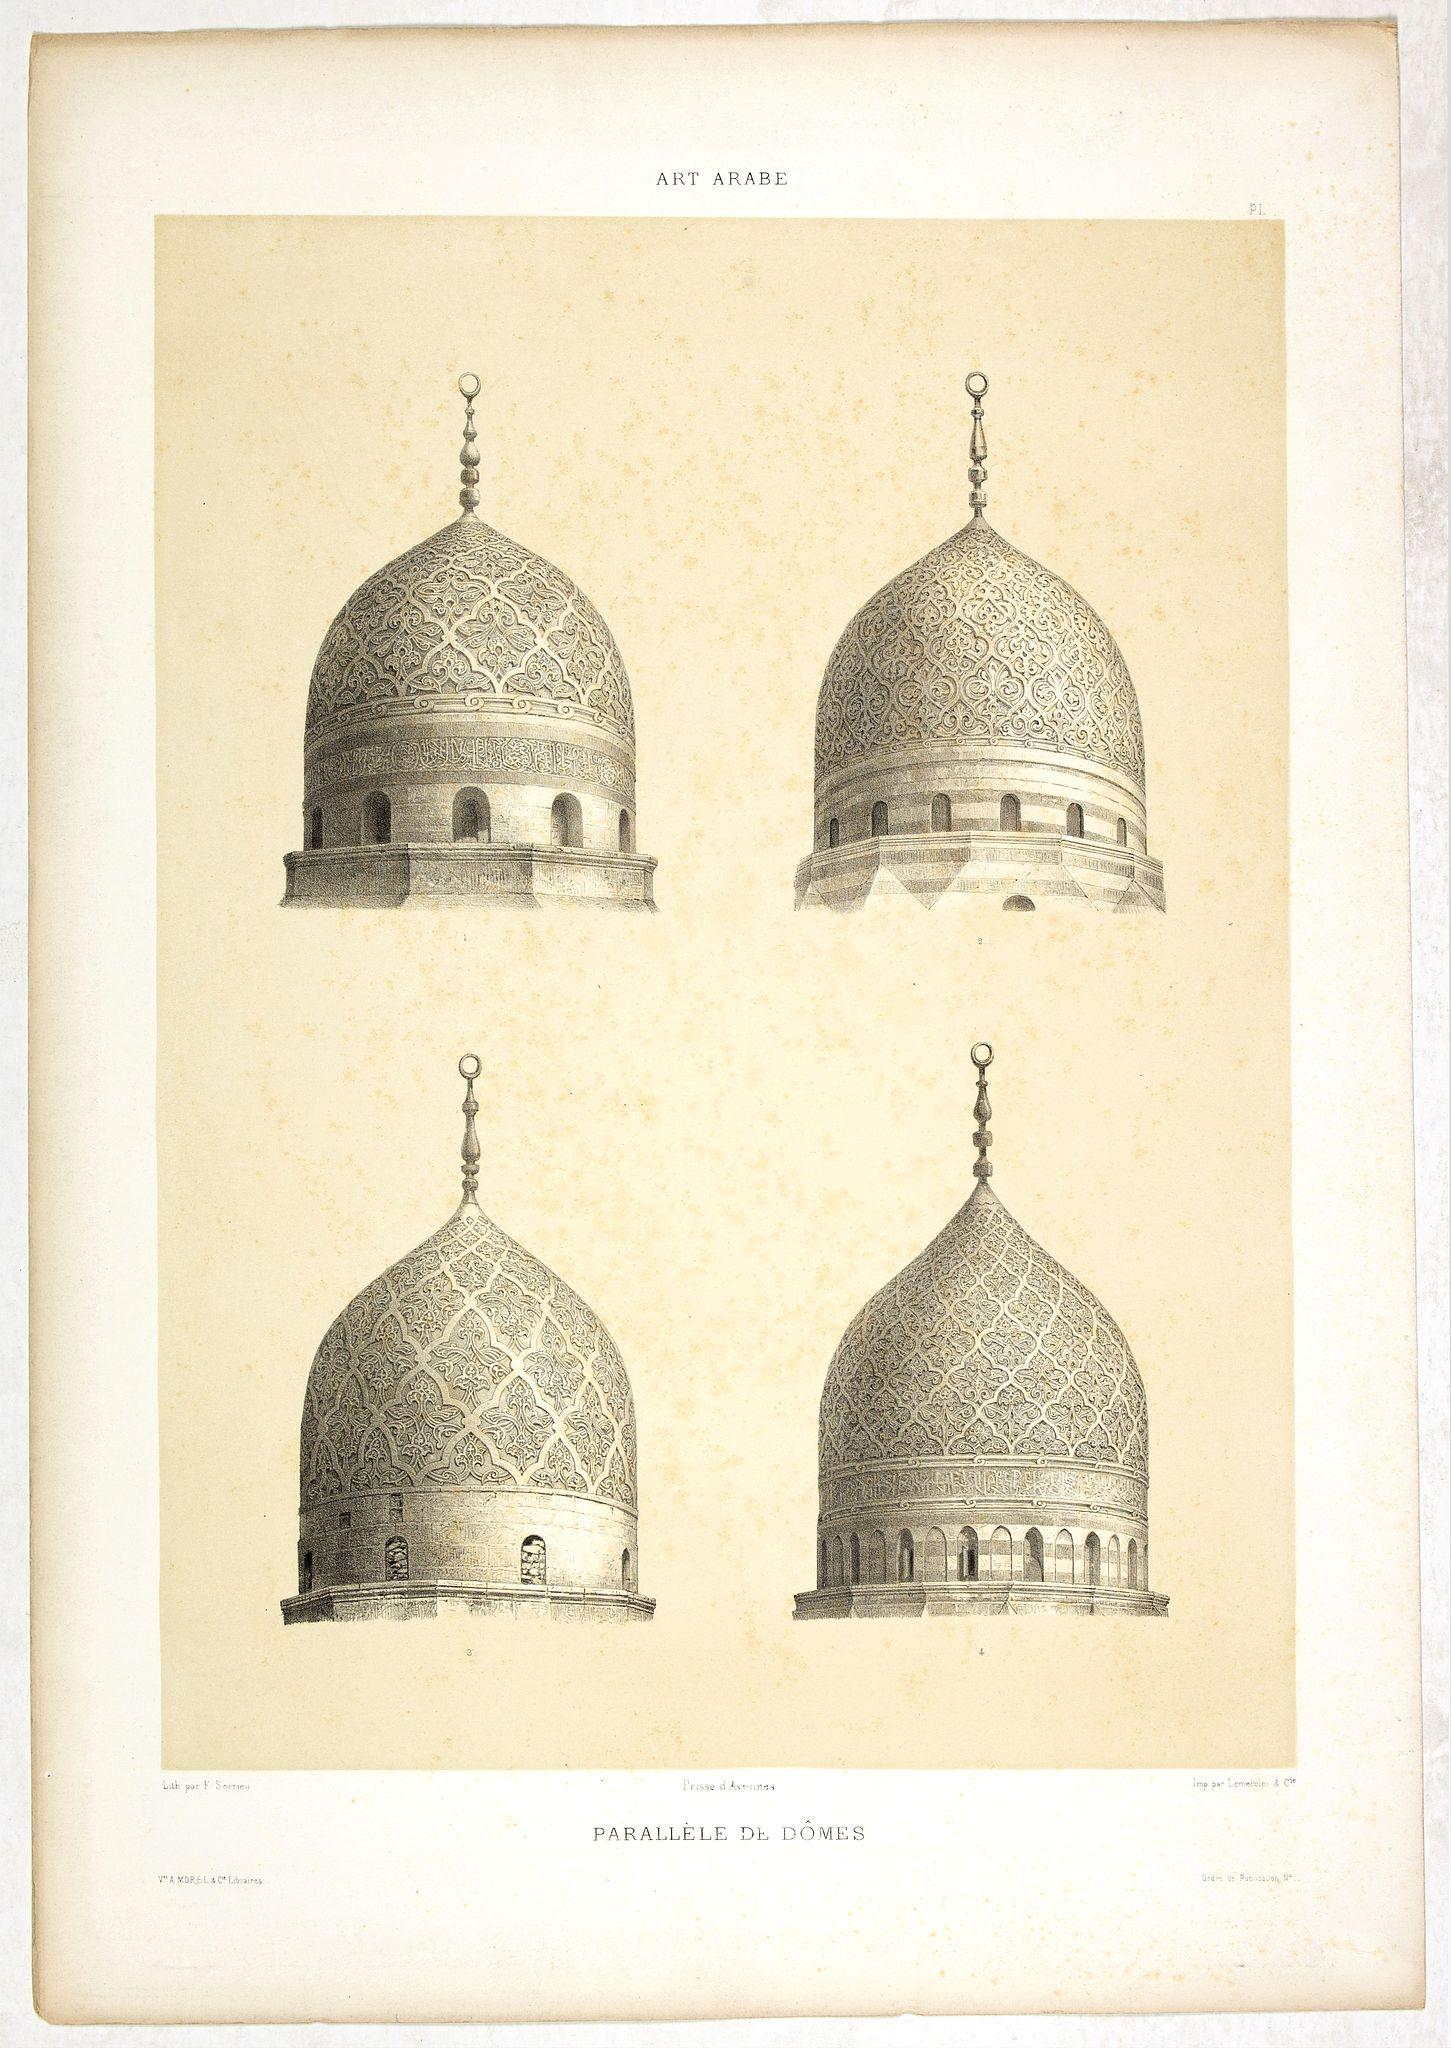 PRISSE D'AVENNES, E. -   Art arabe. - Parallèle de dômes.